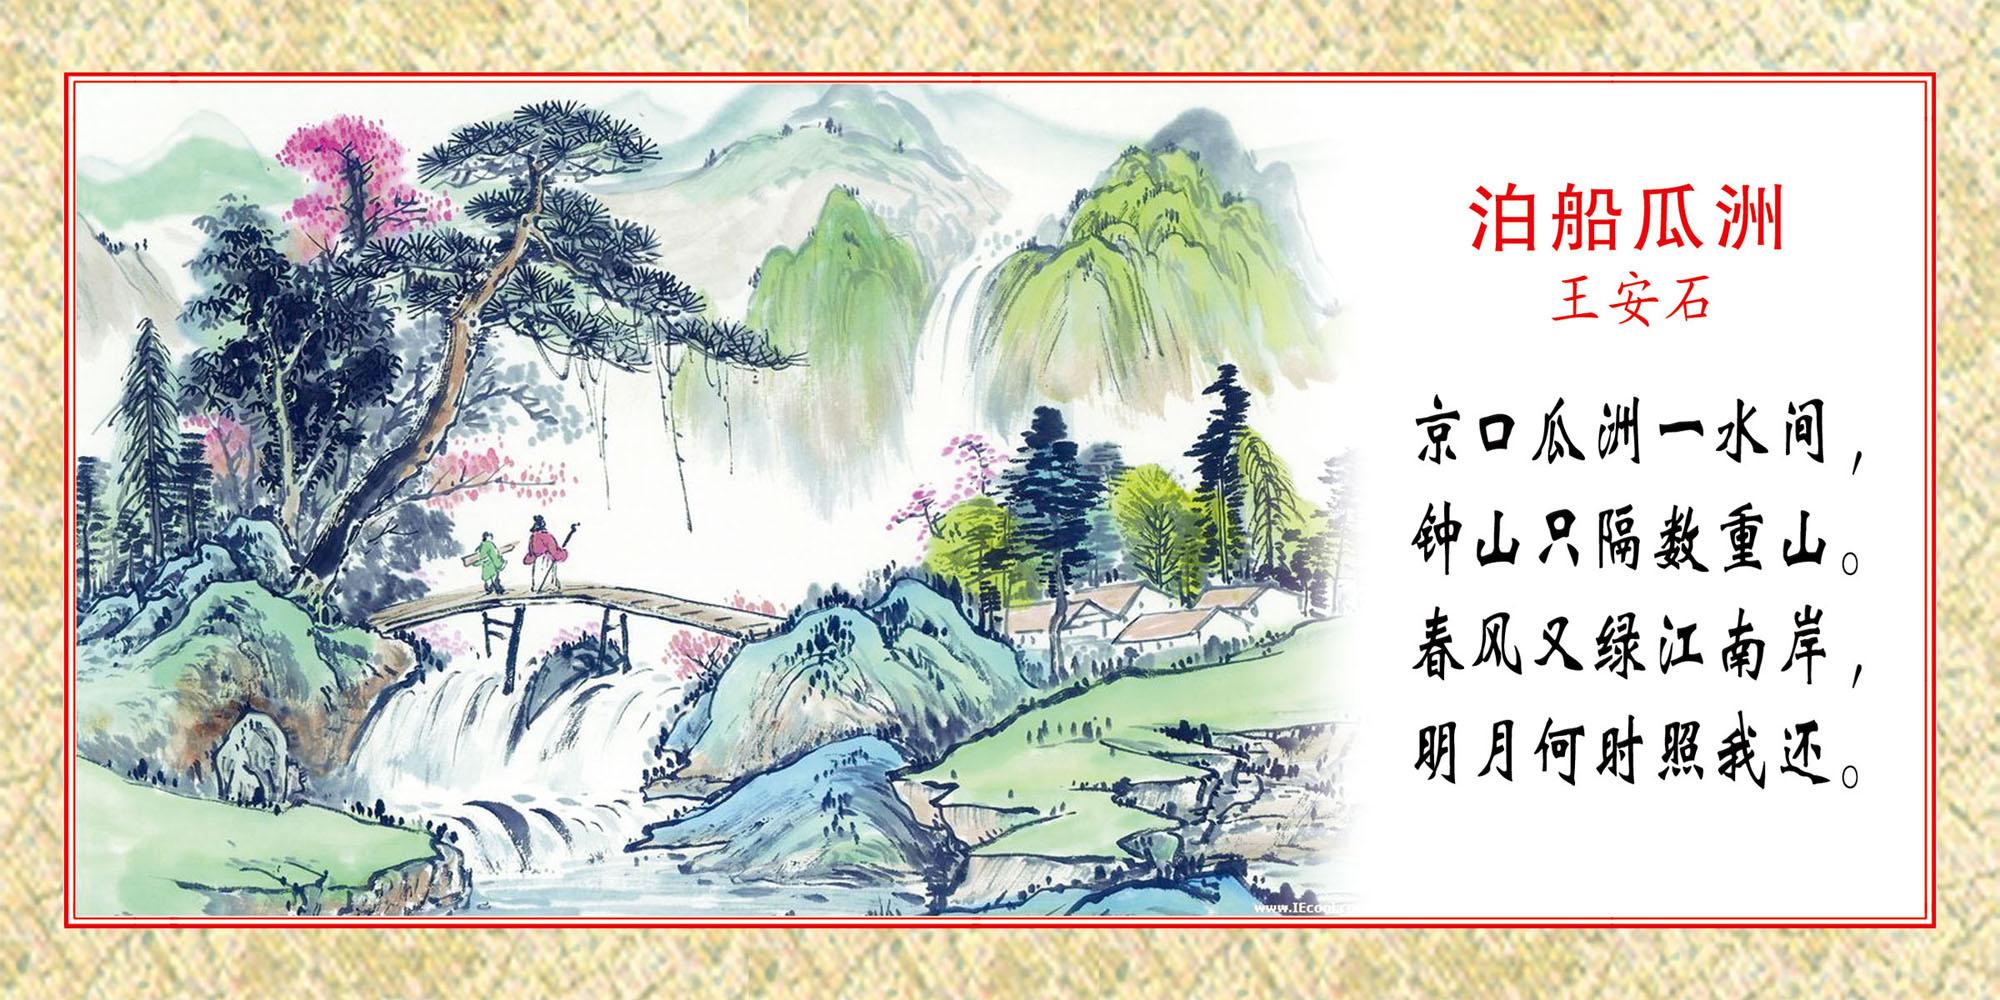 540办公贴画海报展板素材878校园文化古诗泊船瓜洲王安石.jpg